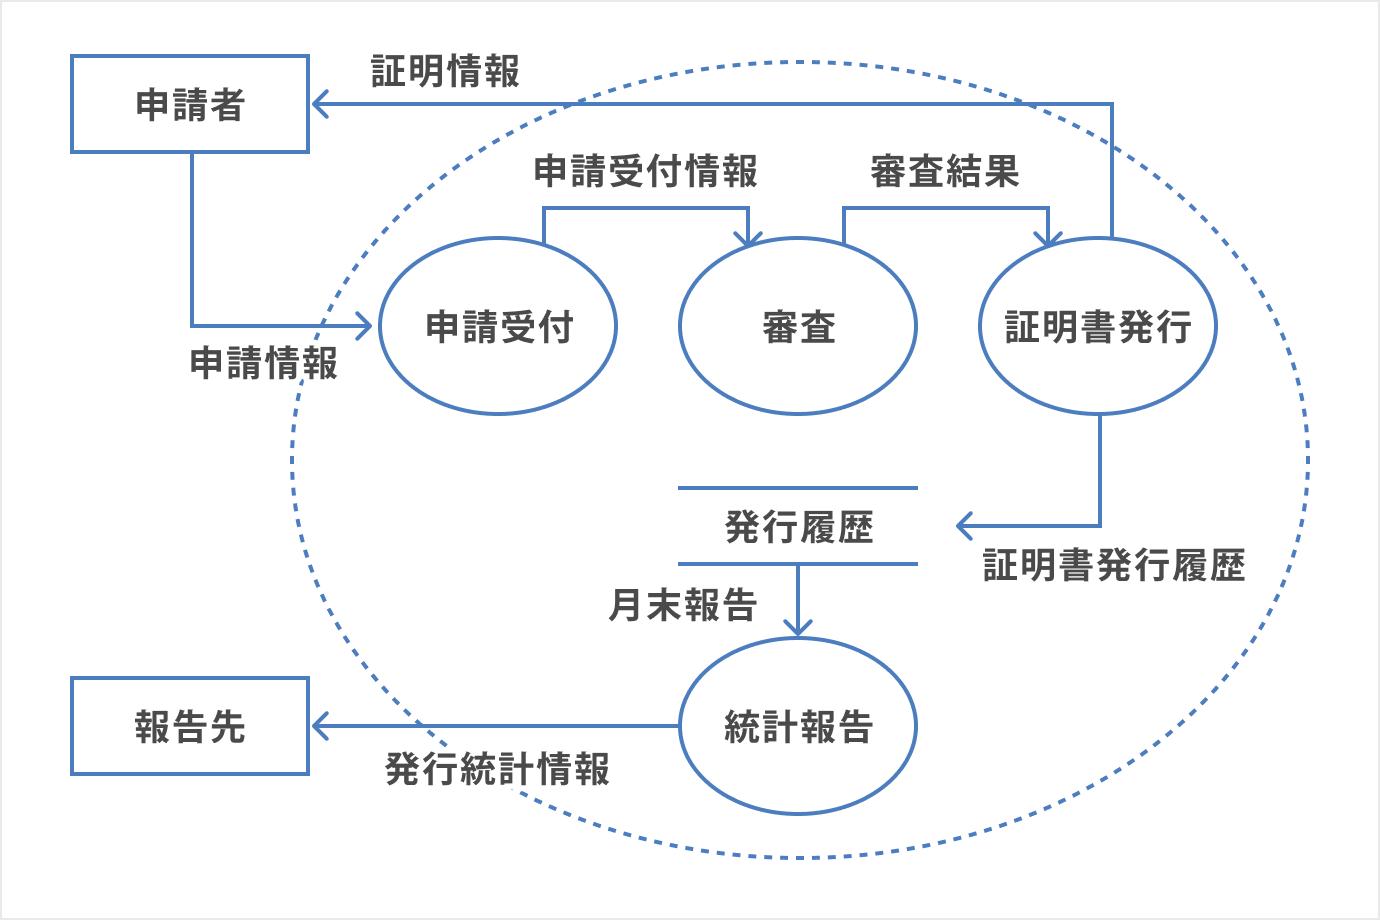 DFD(データフロー図)の記載例